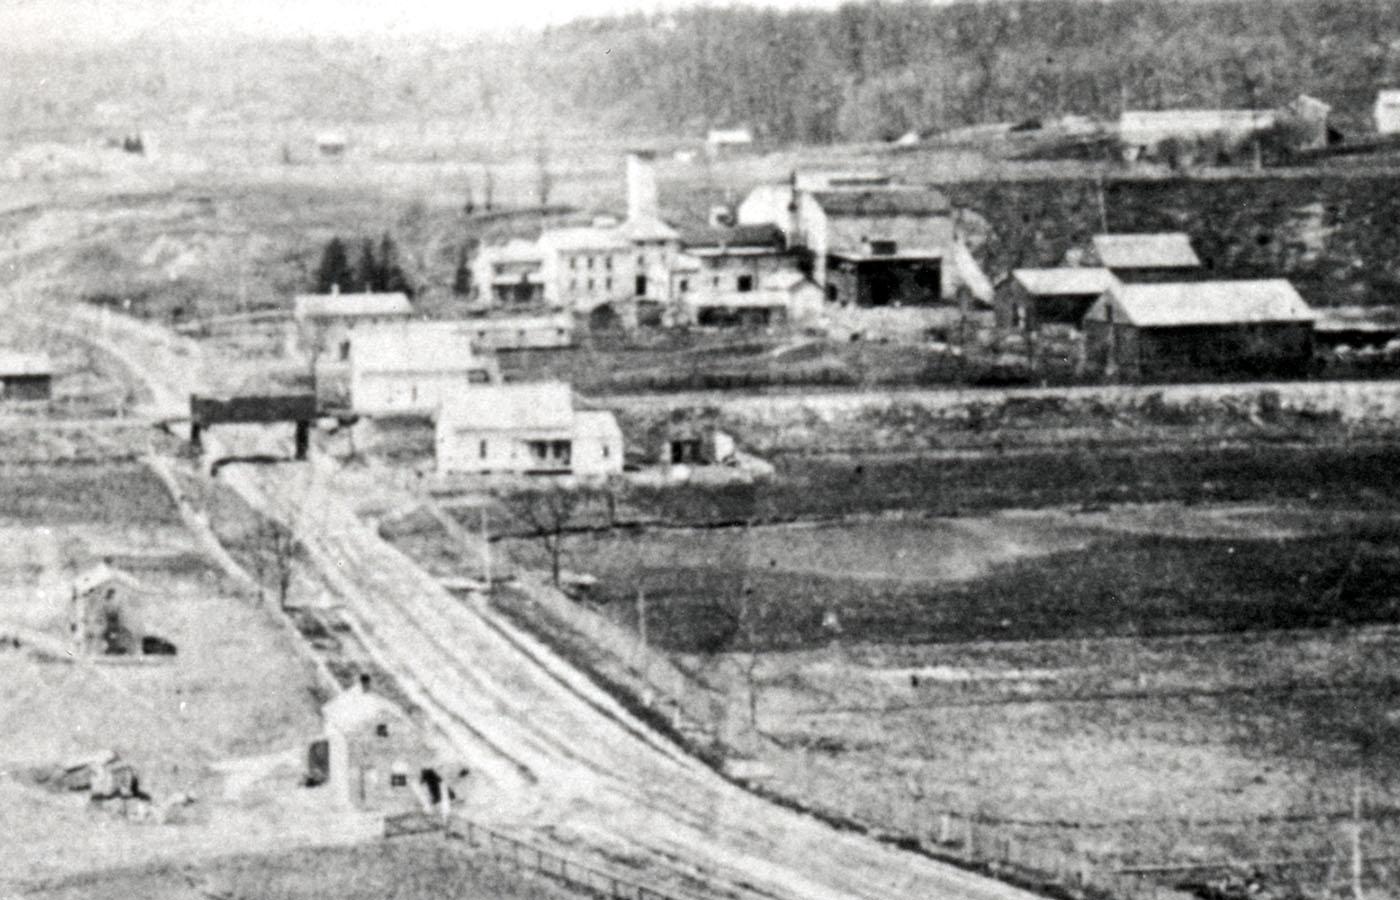 Early Gettelman Brewery